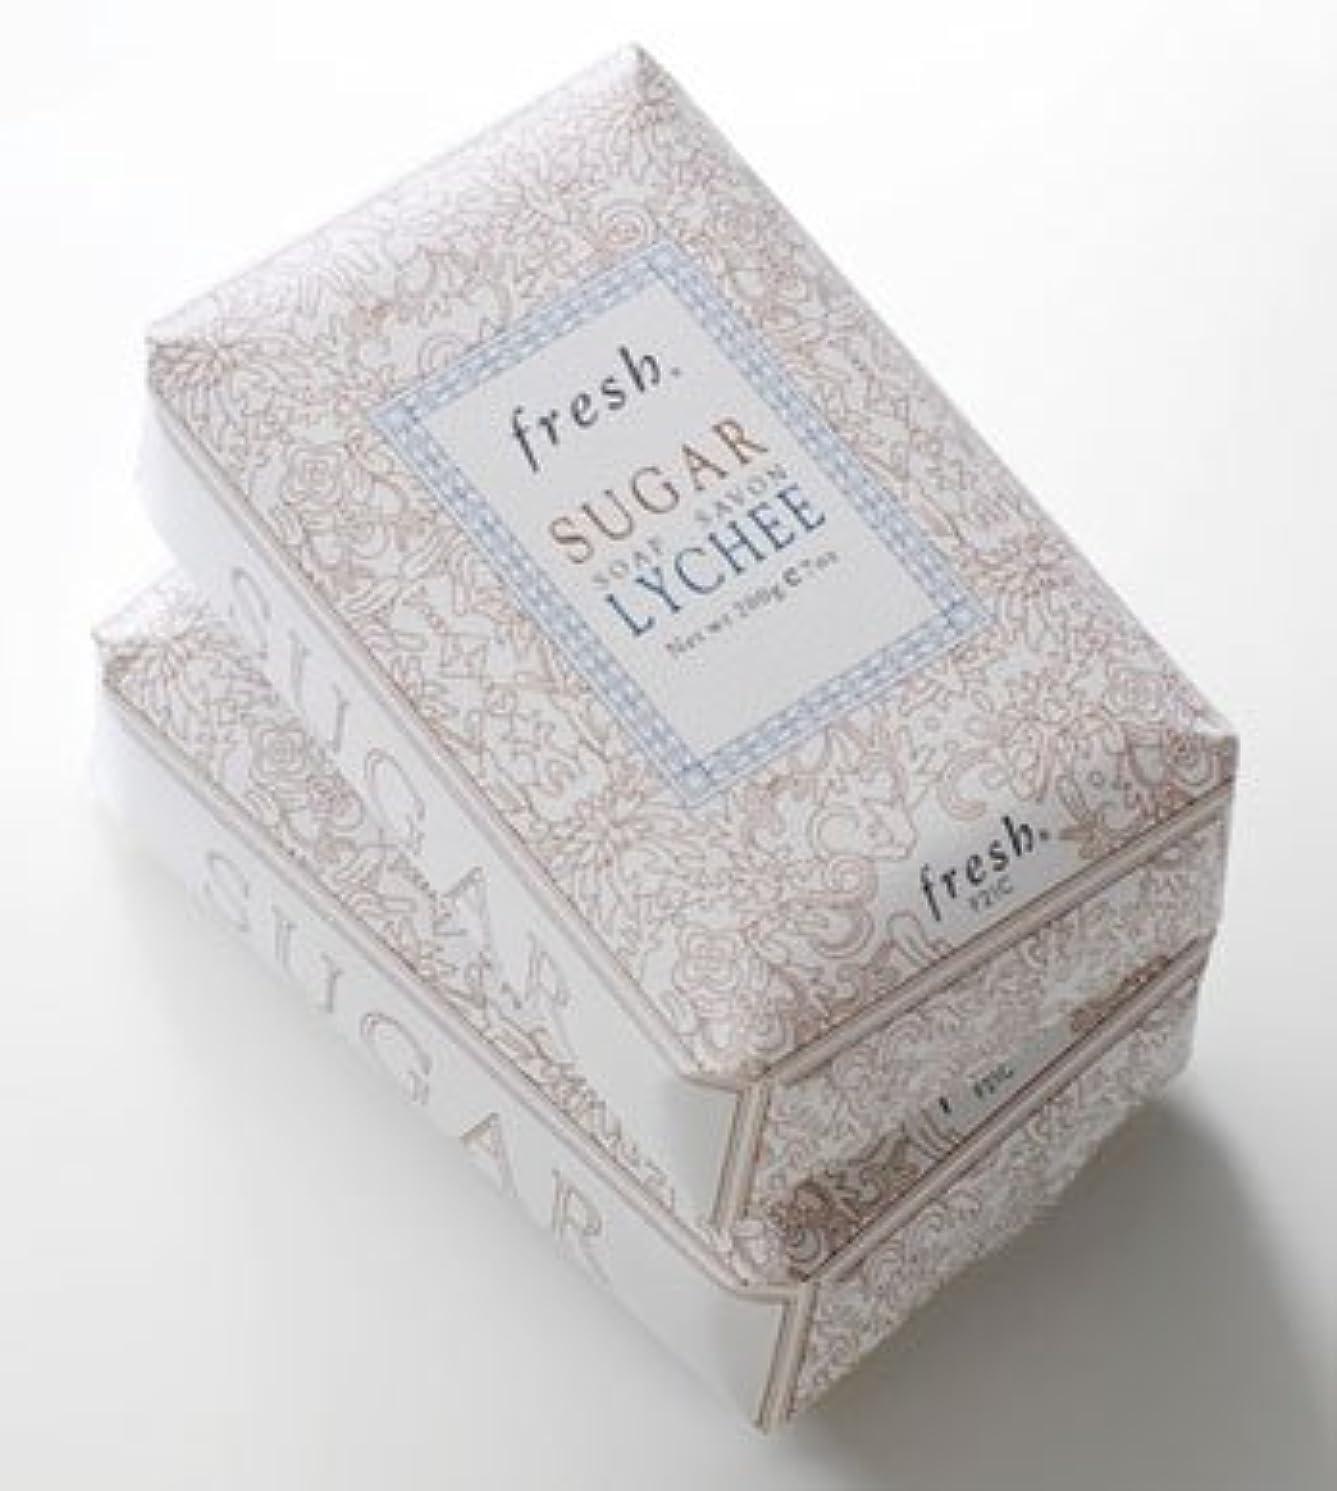 放棄されたリスナー再生的Fresh SUGAR LYCHEE SOAP(フレッシュ シュガーライチ ソープ) 7.0 oz (210g) by Fresh for Women